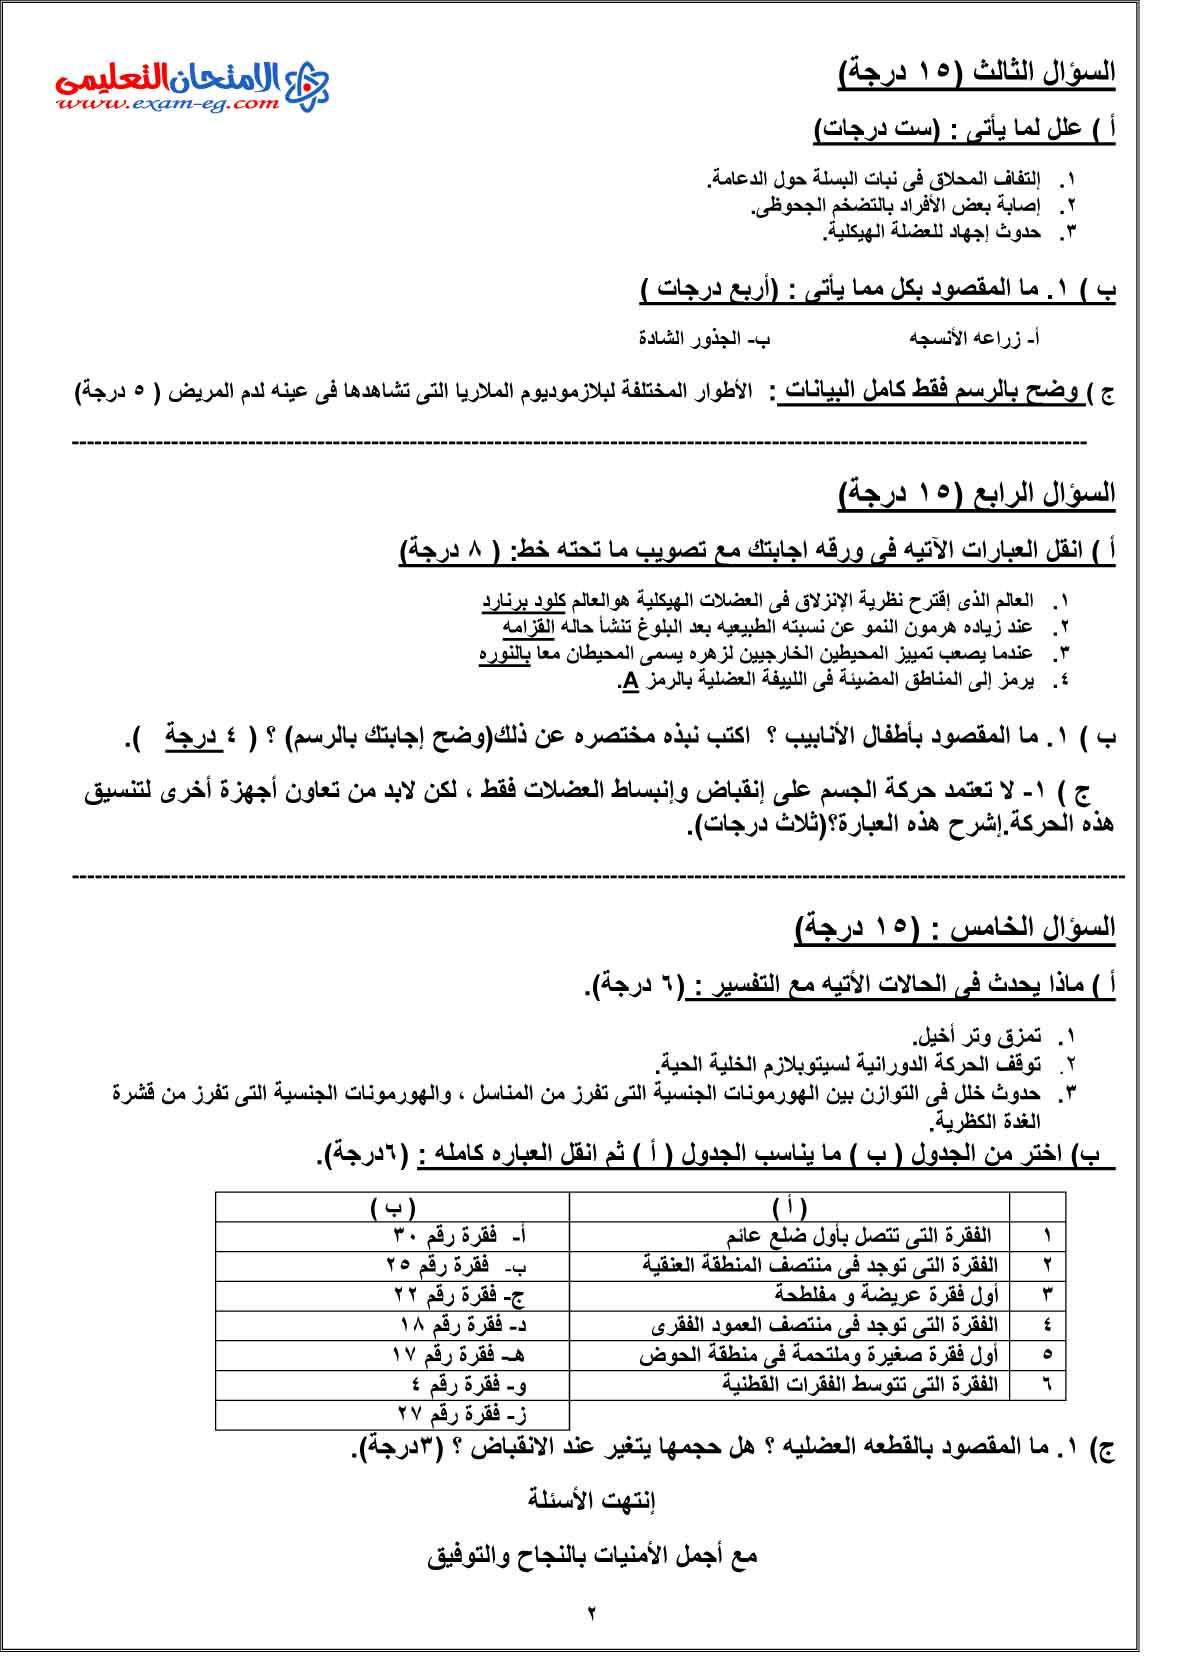 امتحان الاحياء 1 - الامتحان التعليمى-2